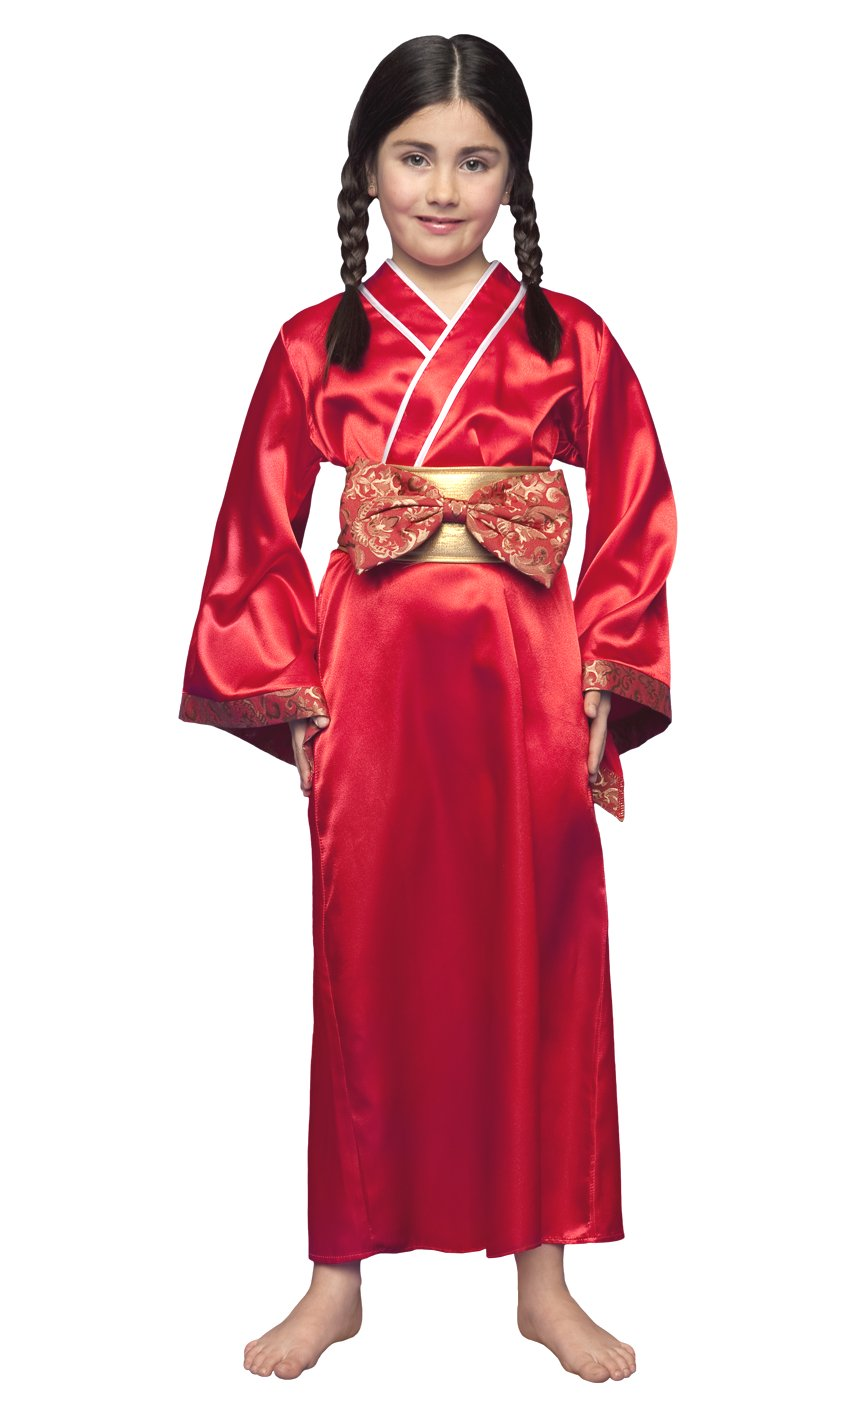 Costume-de-geisha-pour-fille